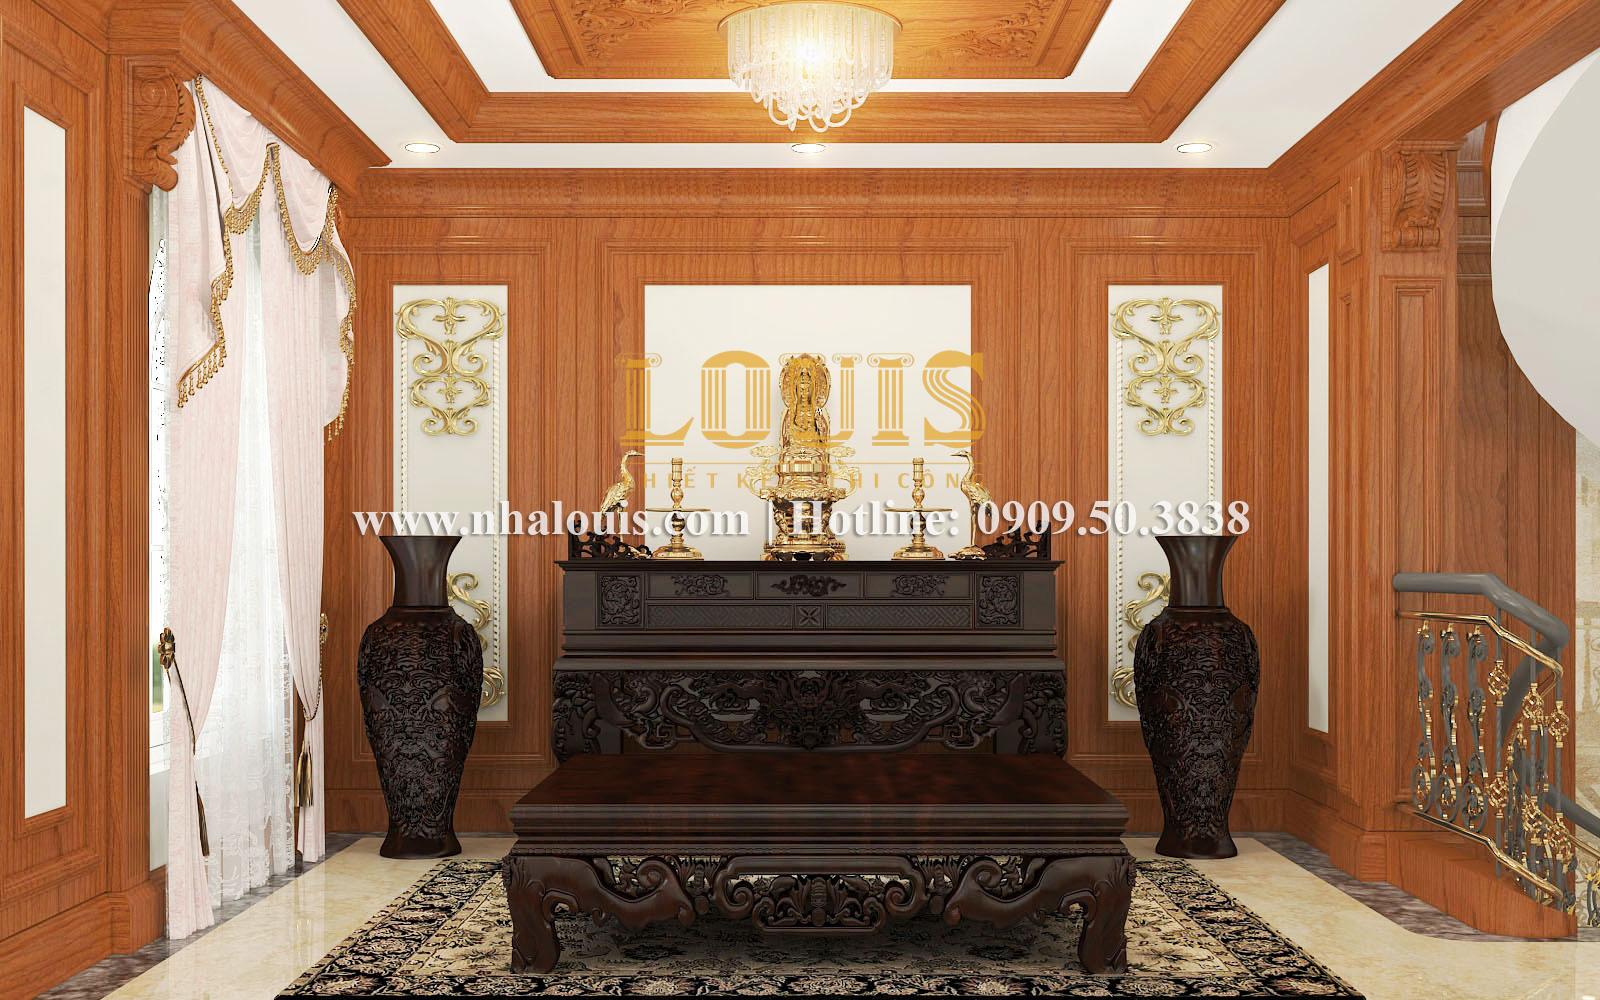 Phòng thờ Mẫu biệt thự kiến trúc Pháp tại Đồng Nai đẹp hoa lệ - 25